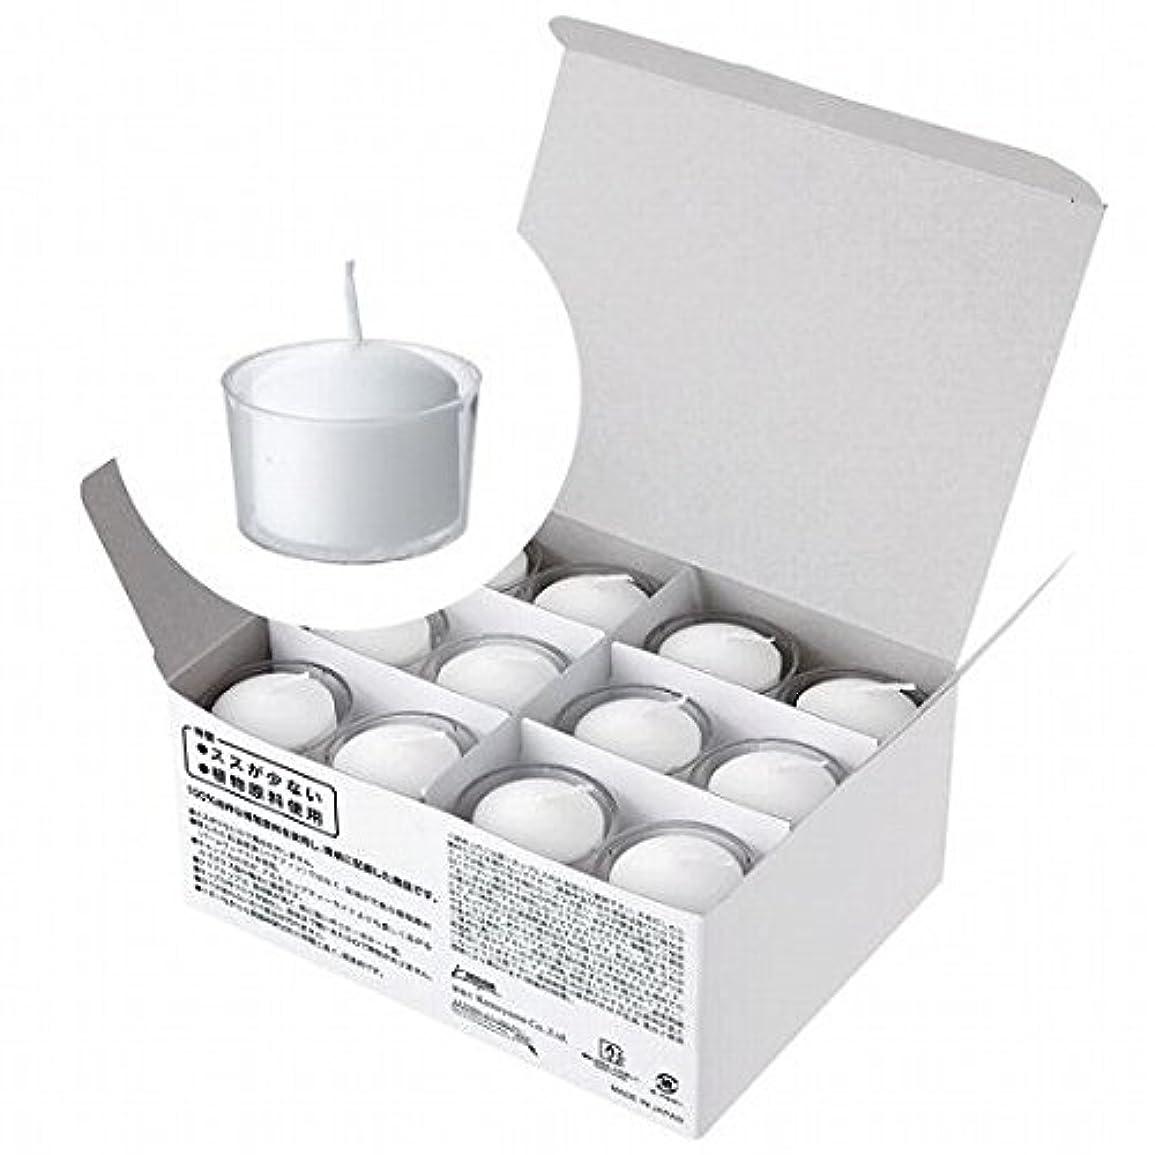 濃度ラベル可動式kameyama candle(カメヤマキャンドル) クレア 5時間タイプ24個入り【ススが出にくいキャンドル】「 ホワイト 」(A8165524W)